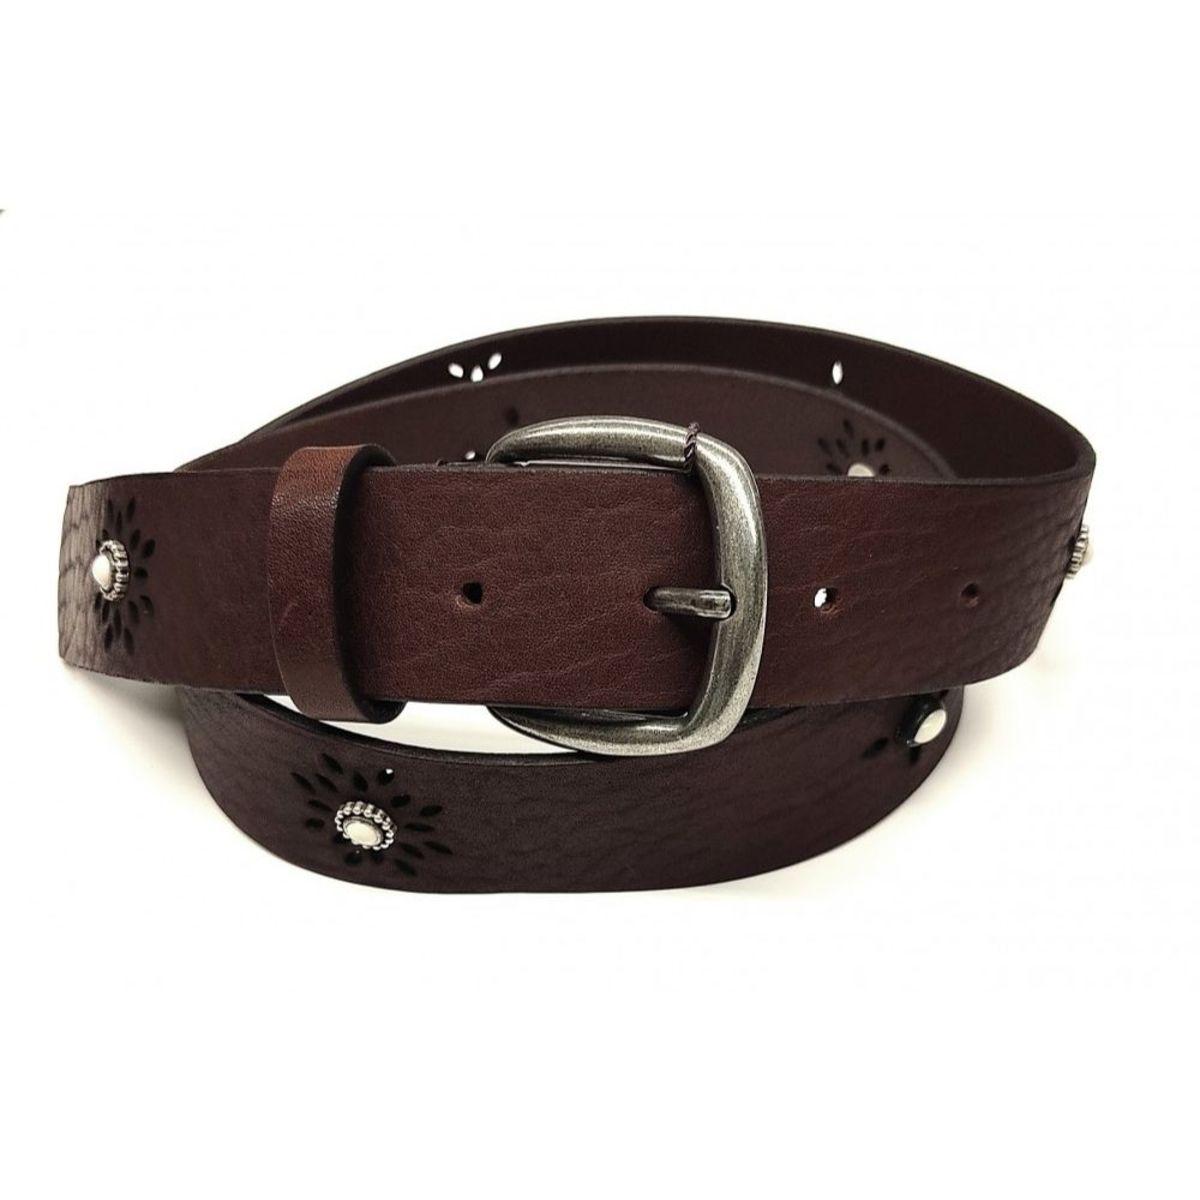 Cinturón marrón con remaches